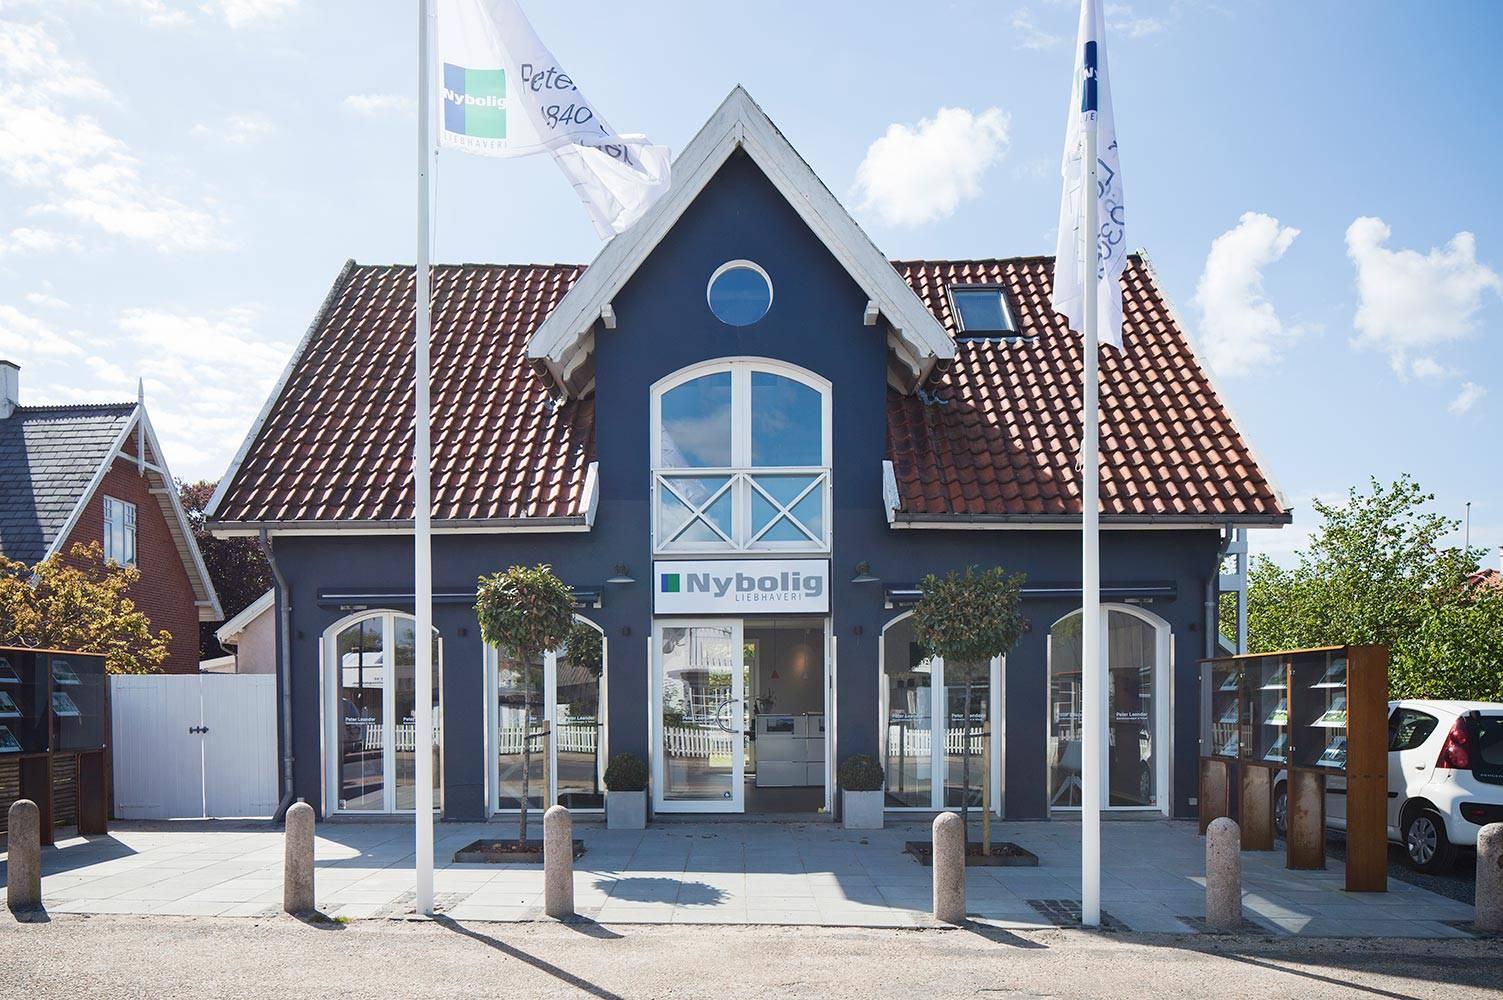 Liebhaveri Nordsjælland